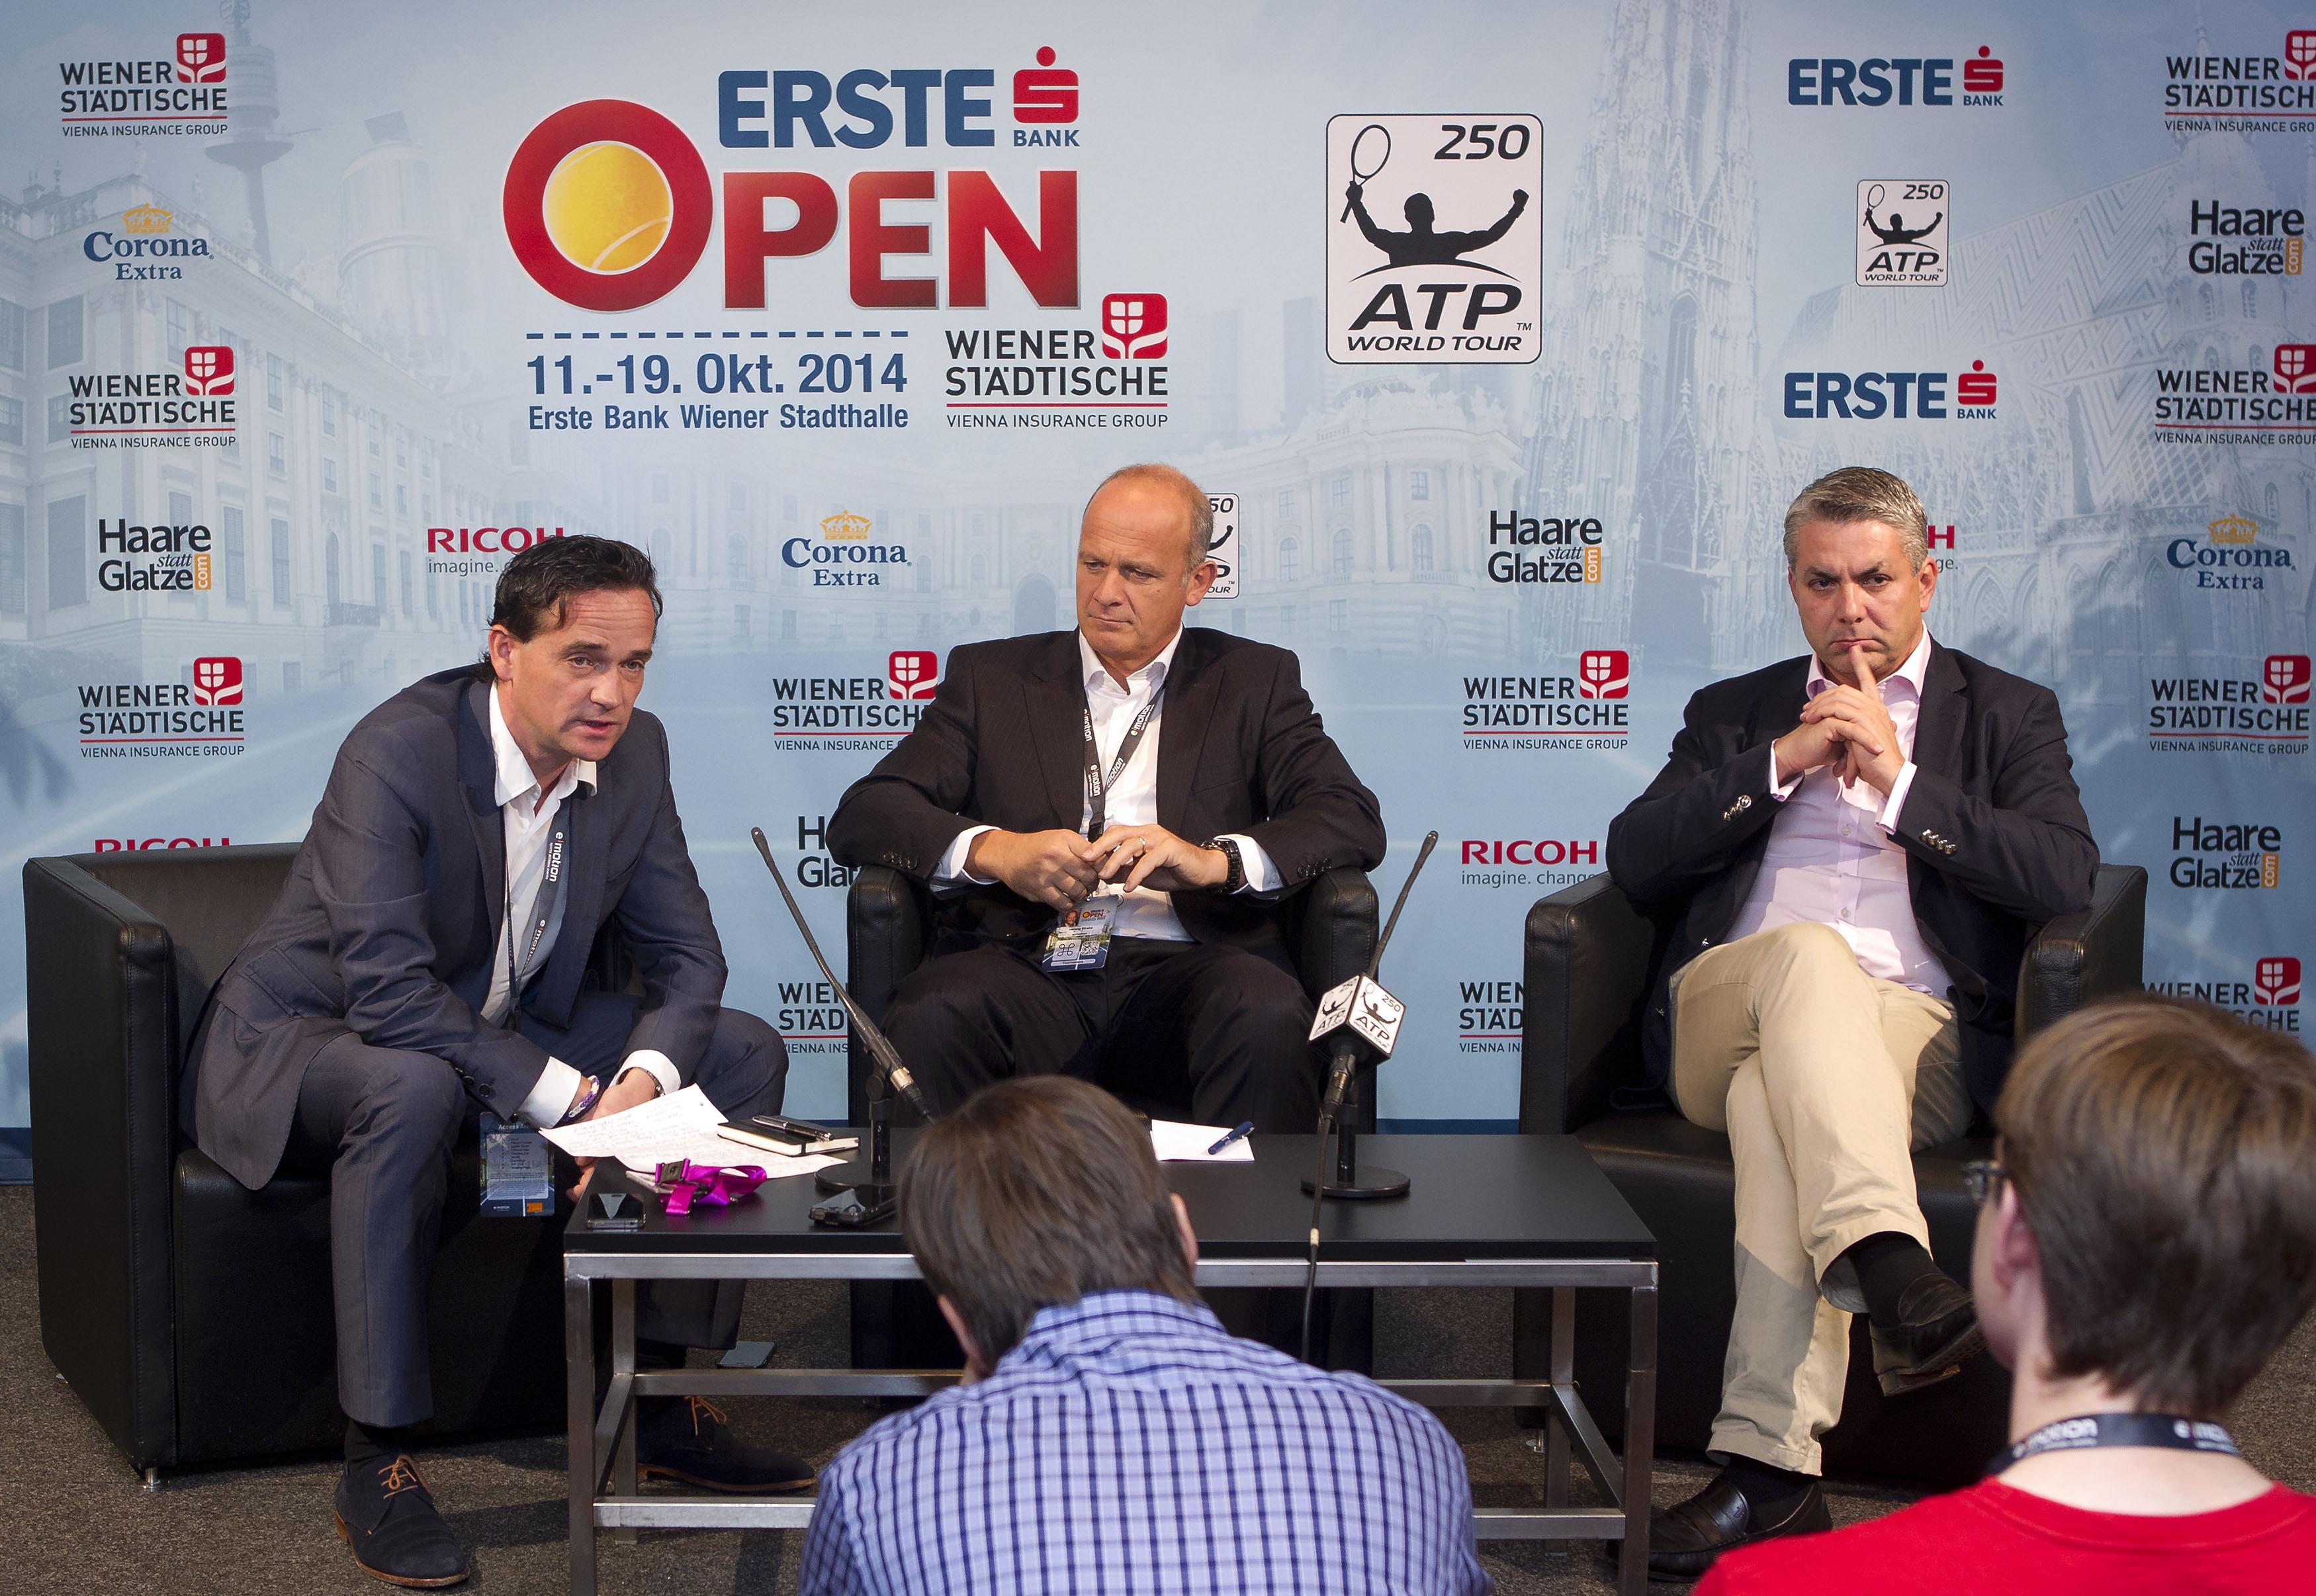 Erste Bank Open 2014